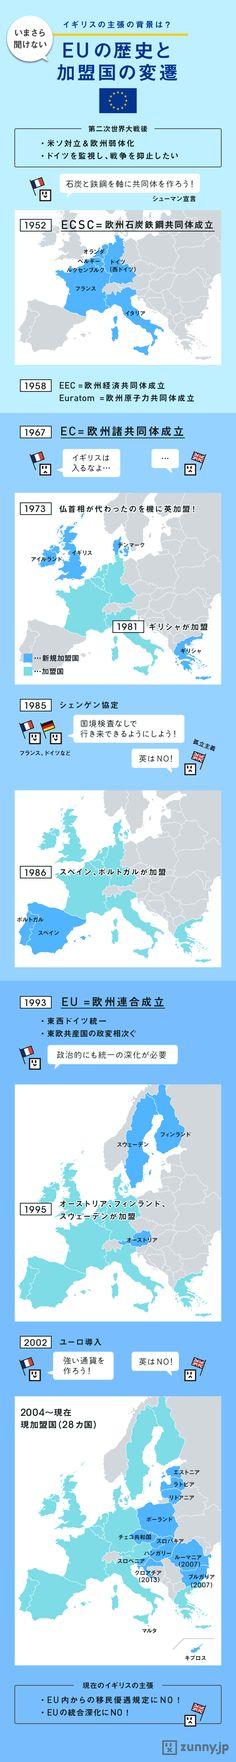 「離脱派」の主張は? EU成立とイギリスの歴史   ZUNNY インフォグラフィック・ニュース